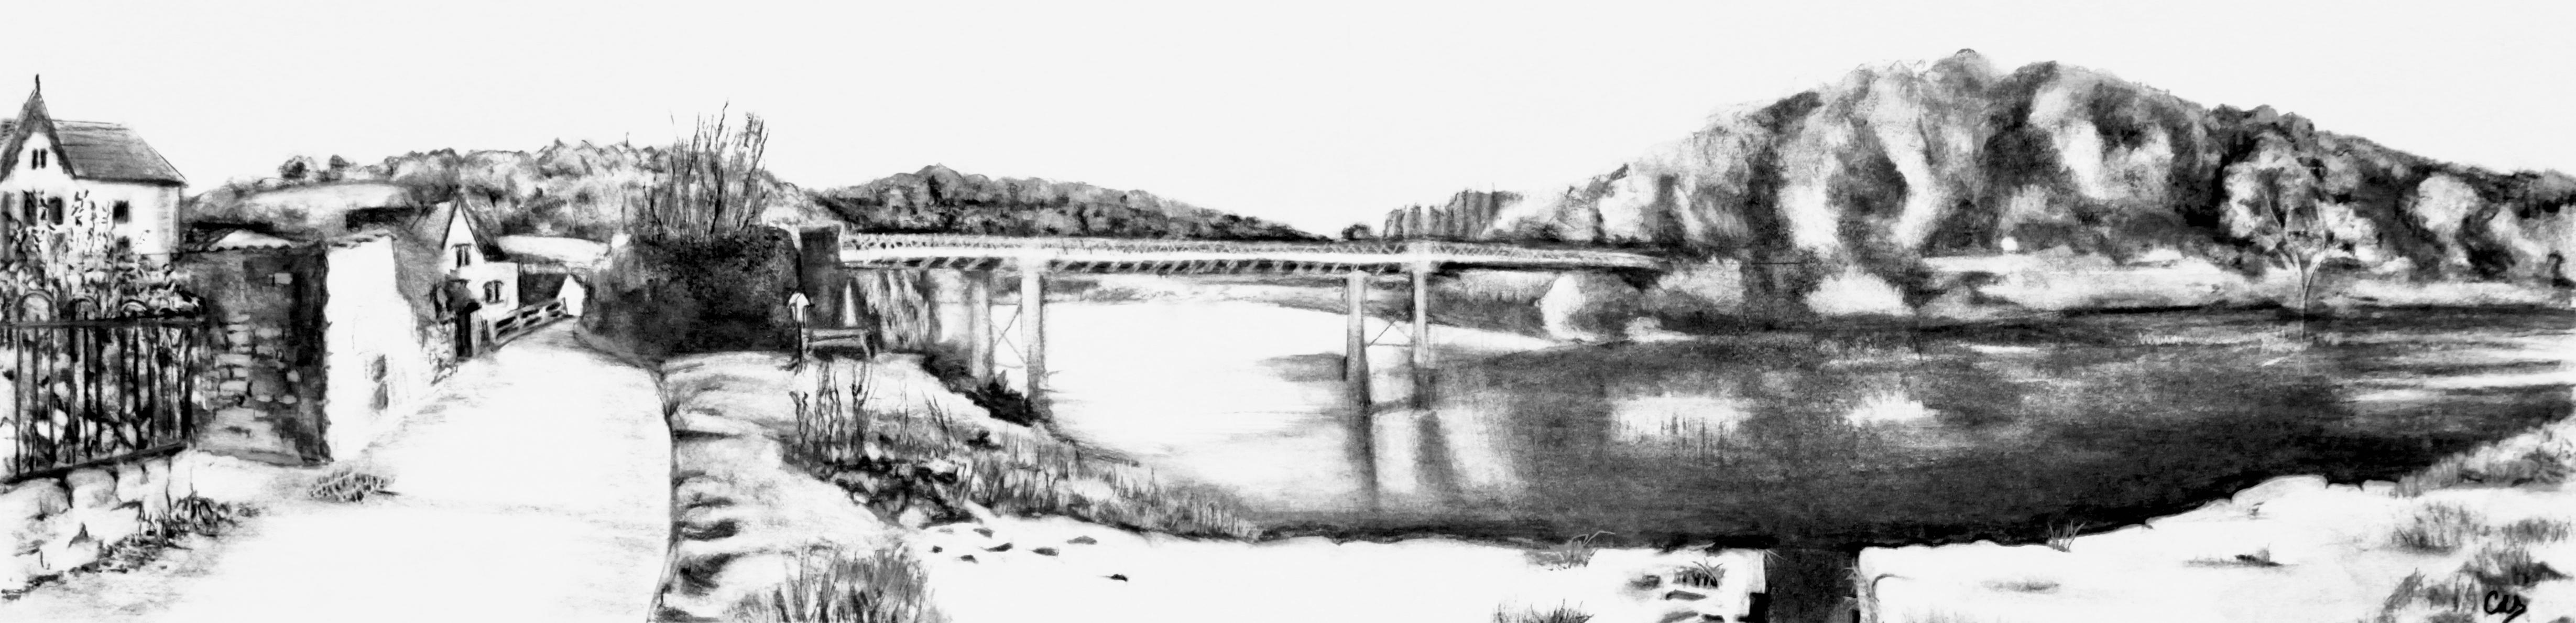 Brockweir Bridge Over The Wye